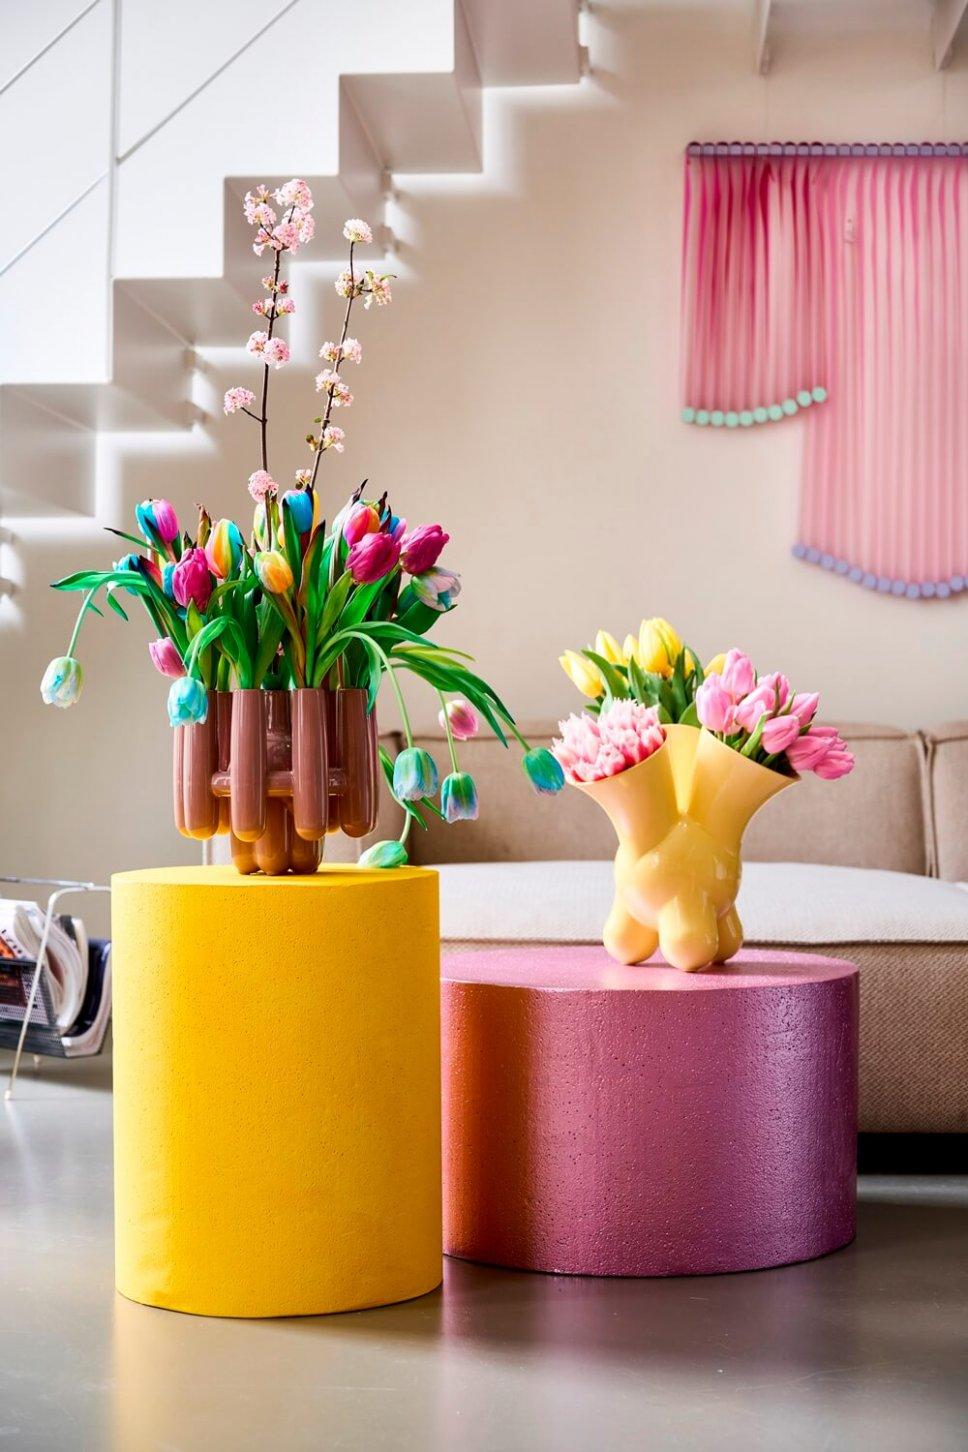 Moderner Wohnraum mit ausgefallenen Vasen, gefüllt mit Tulpen